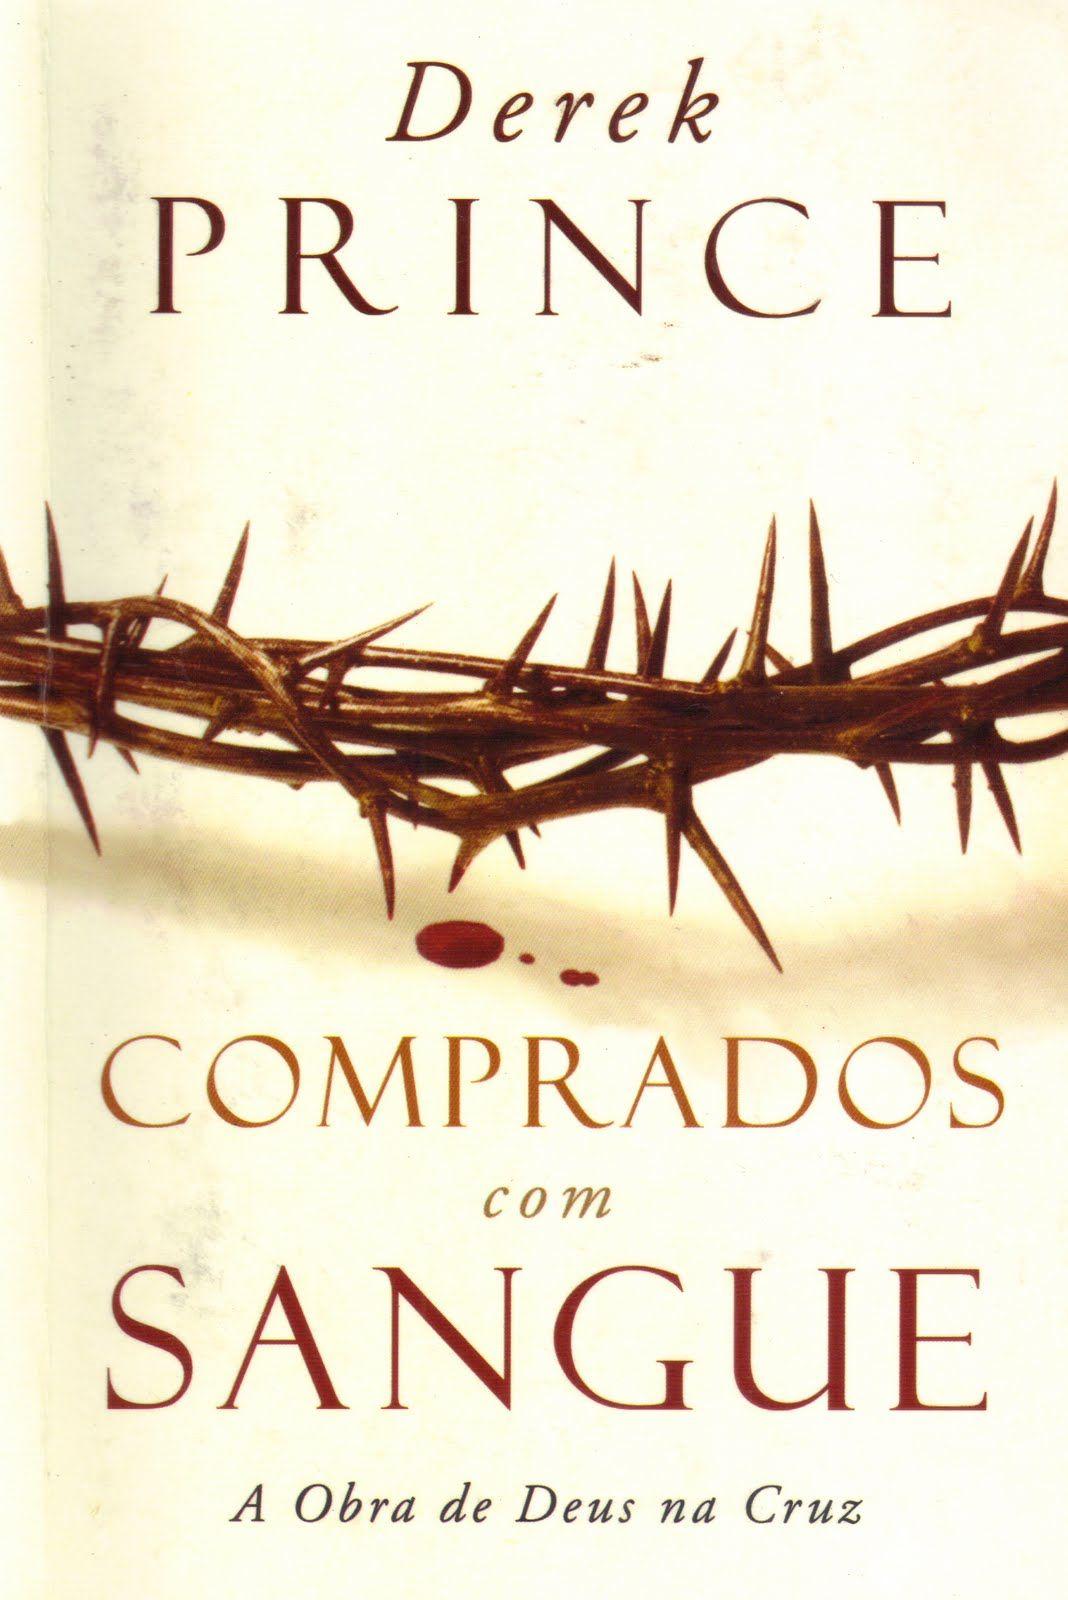 Livros Evangelicos Google Search Livros Evangelicos Livros